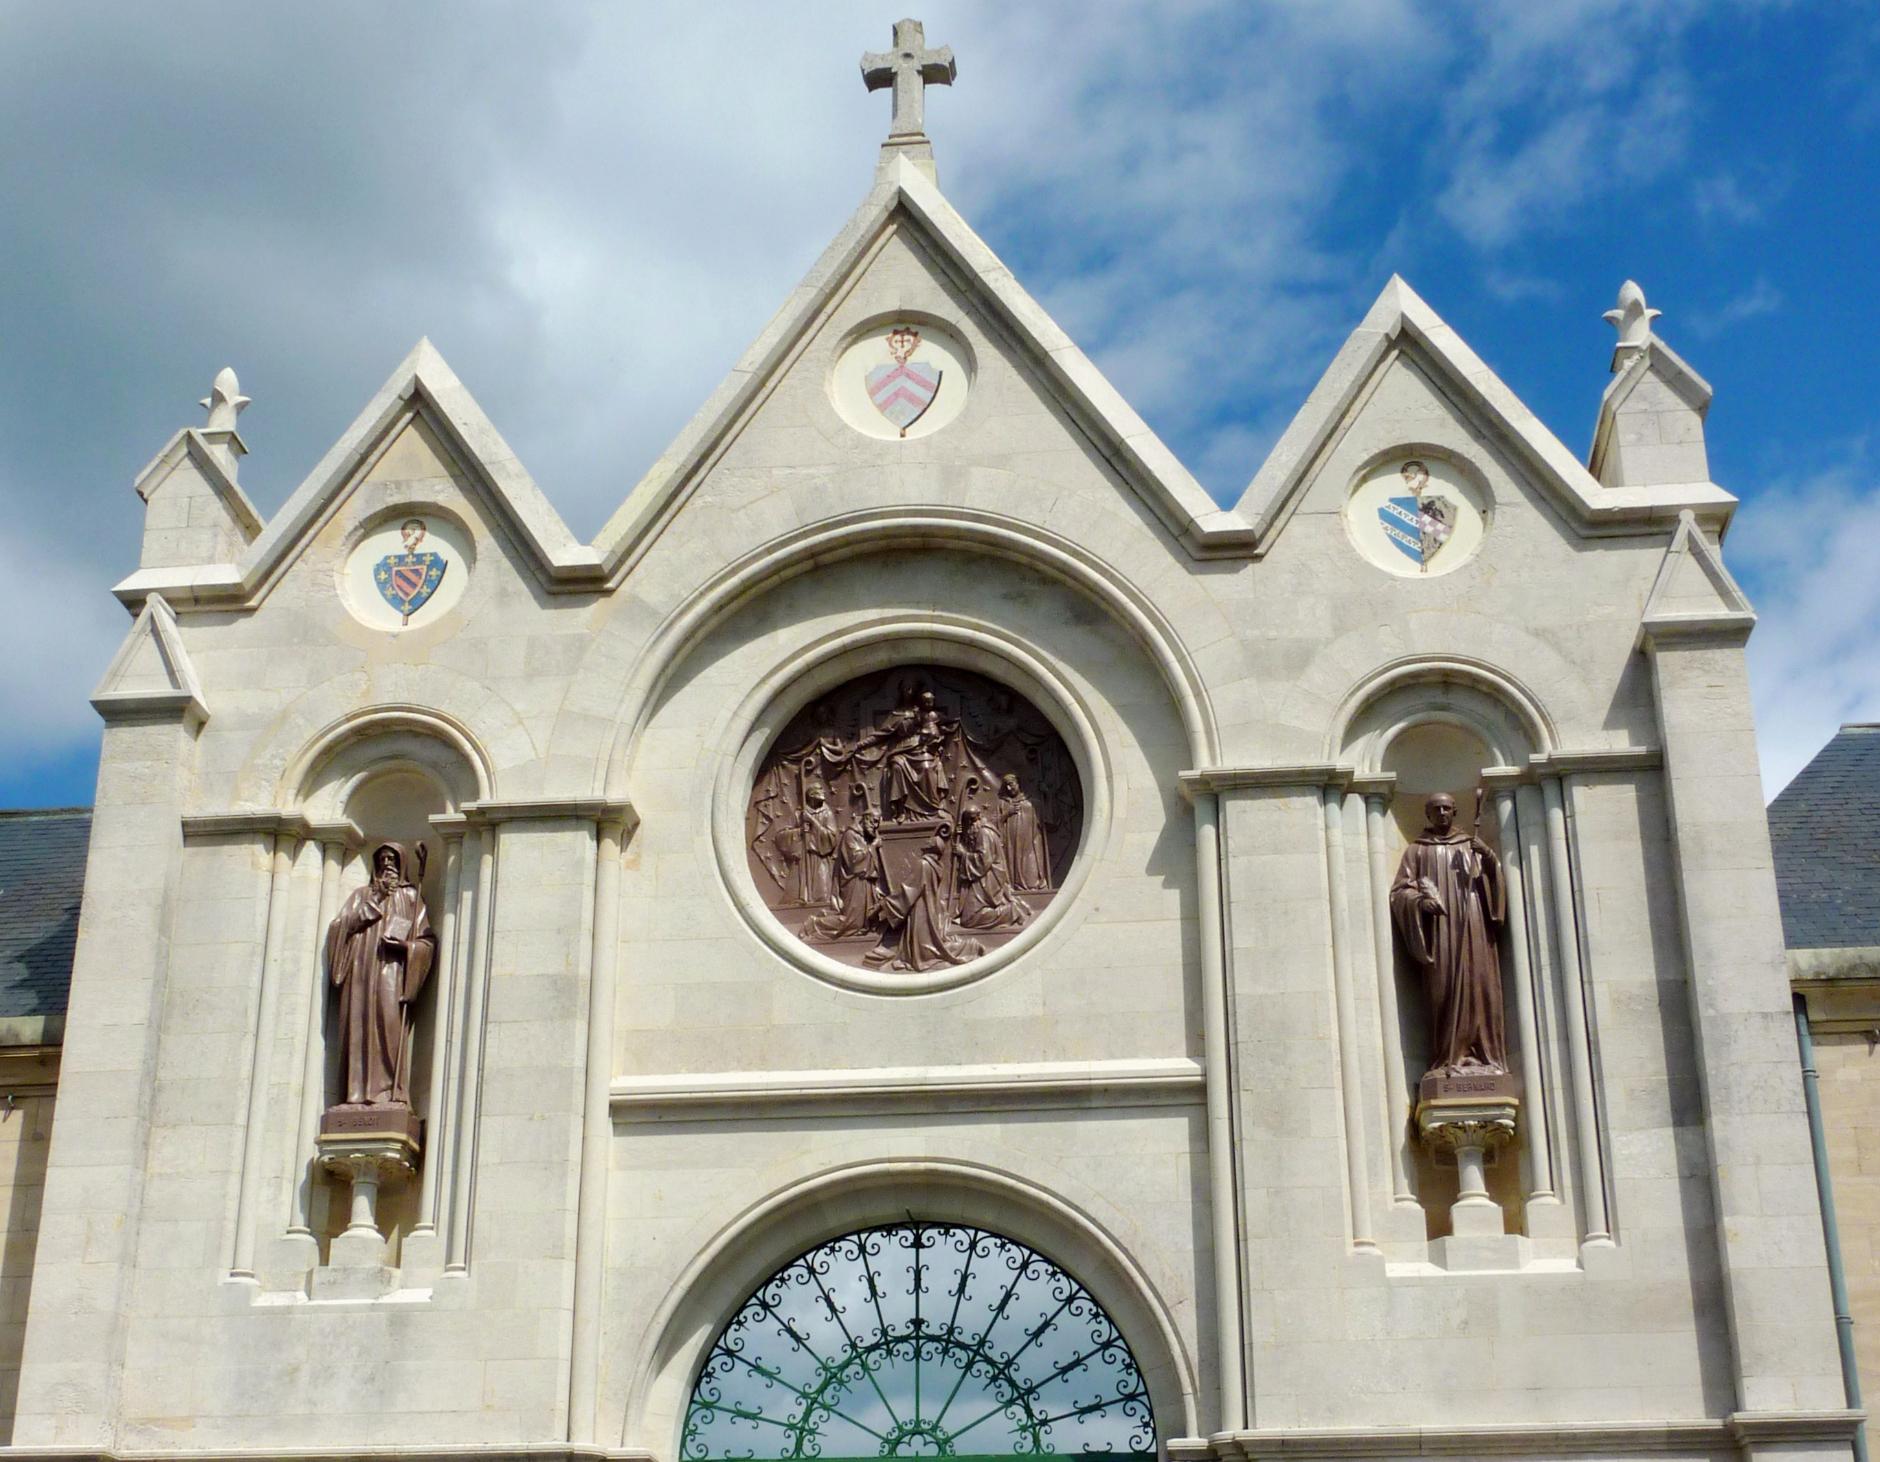 Soligny-la-Trappe Abbey